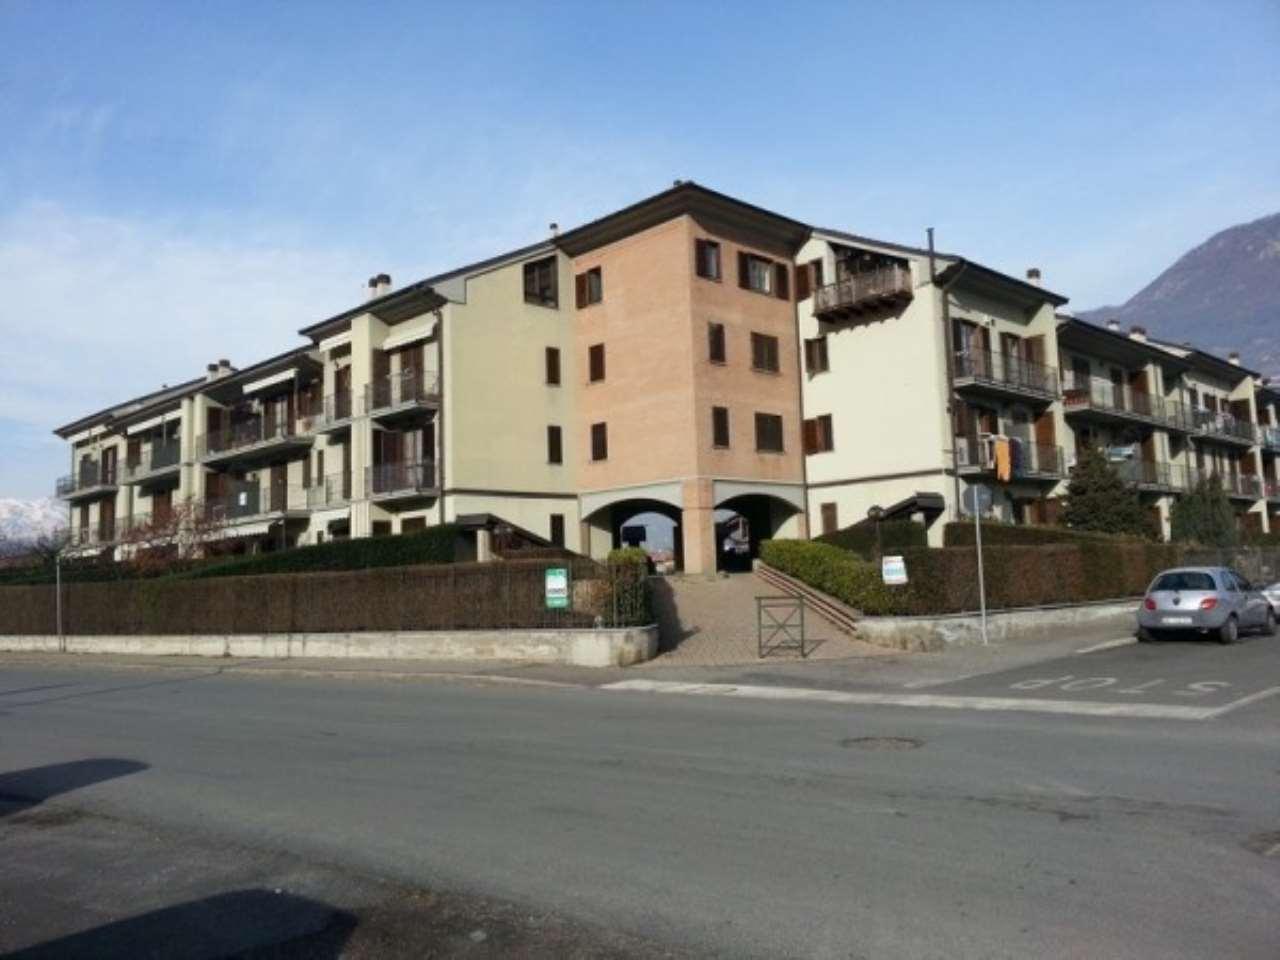 Appartamento in vendita a Sant'Antonino di Susa, 2 locali, prezzo € 79.500 | CambioCasa.it